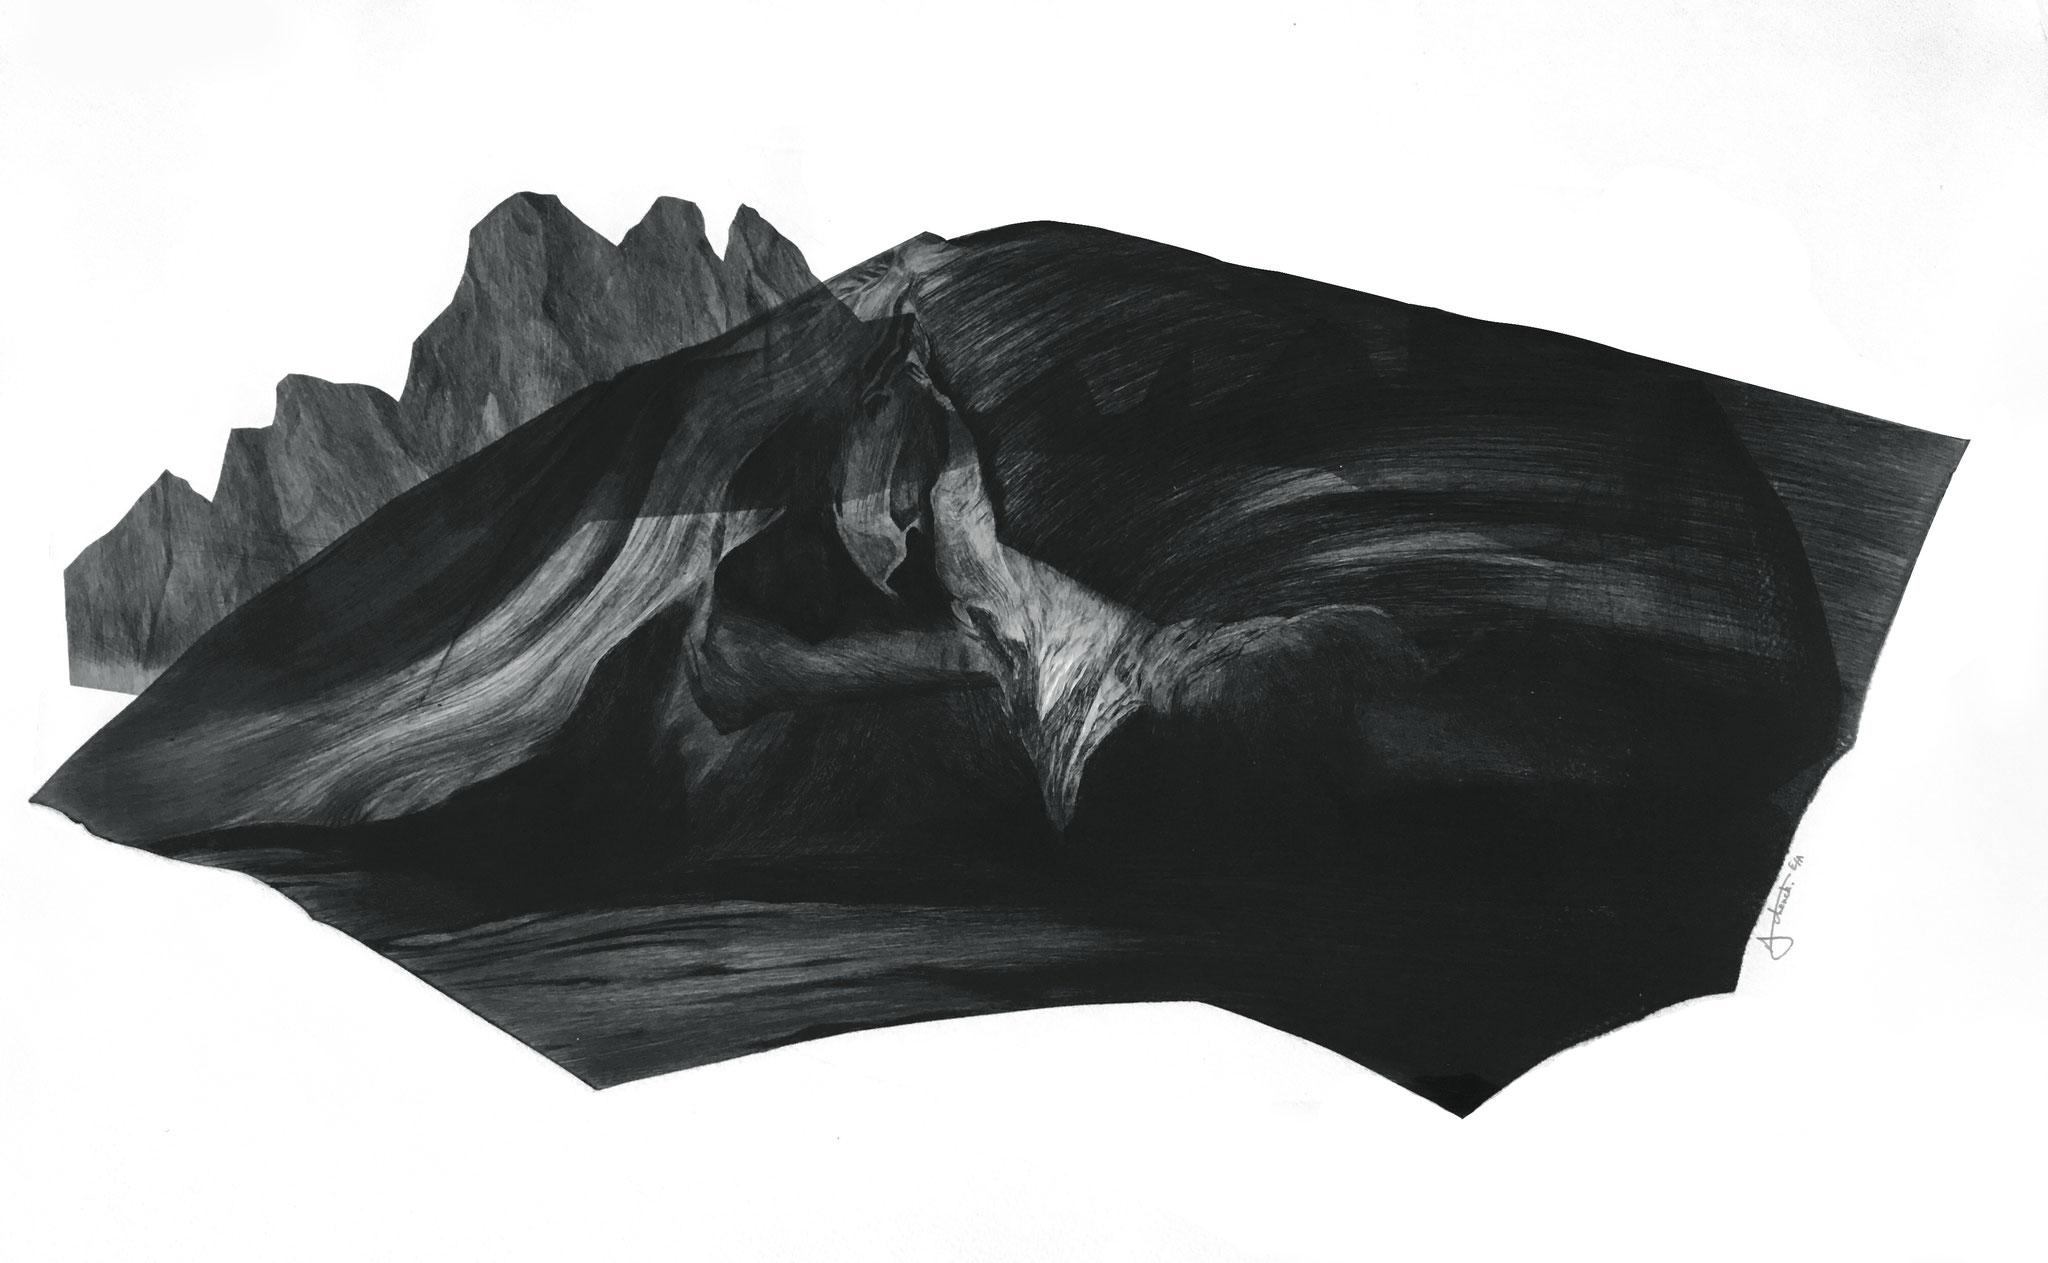 Série Les Enigmes, 1 I pointe sèche sur papier Fabriano I Epreuve d'artiste I 56 x 76 cm I 2017